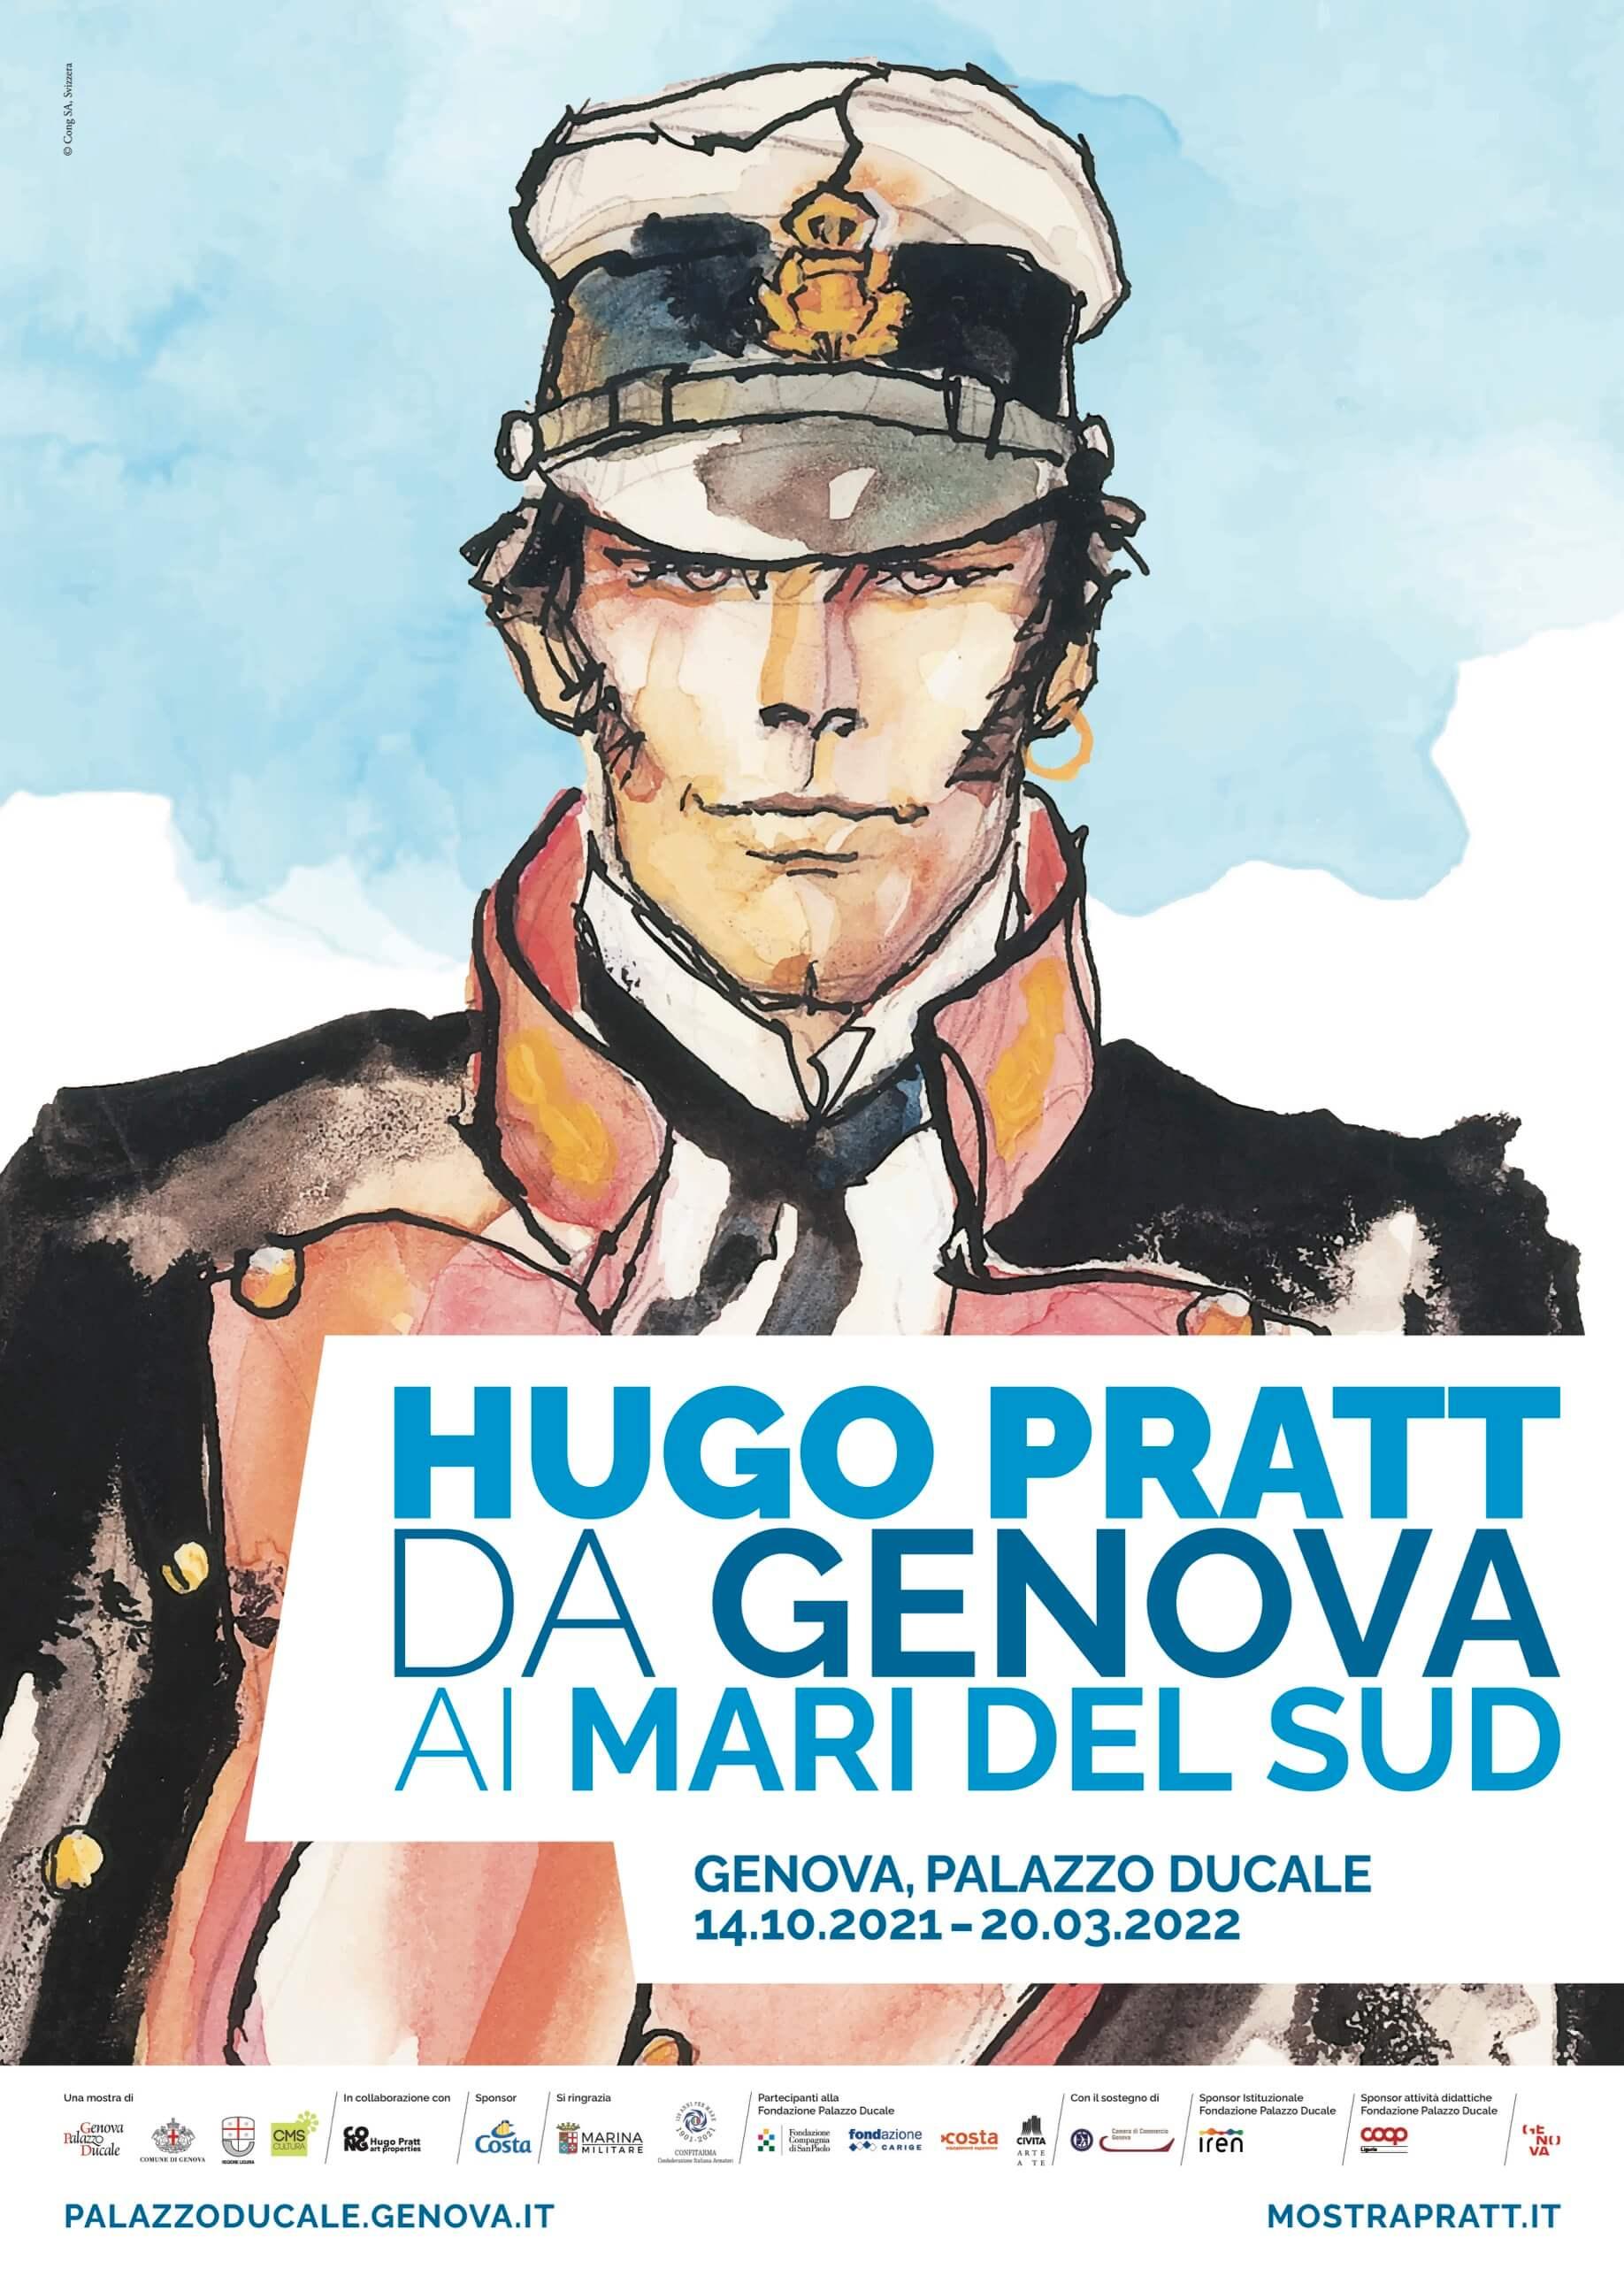 Hugo Pratt Genova